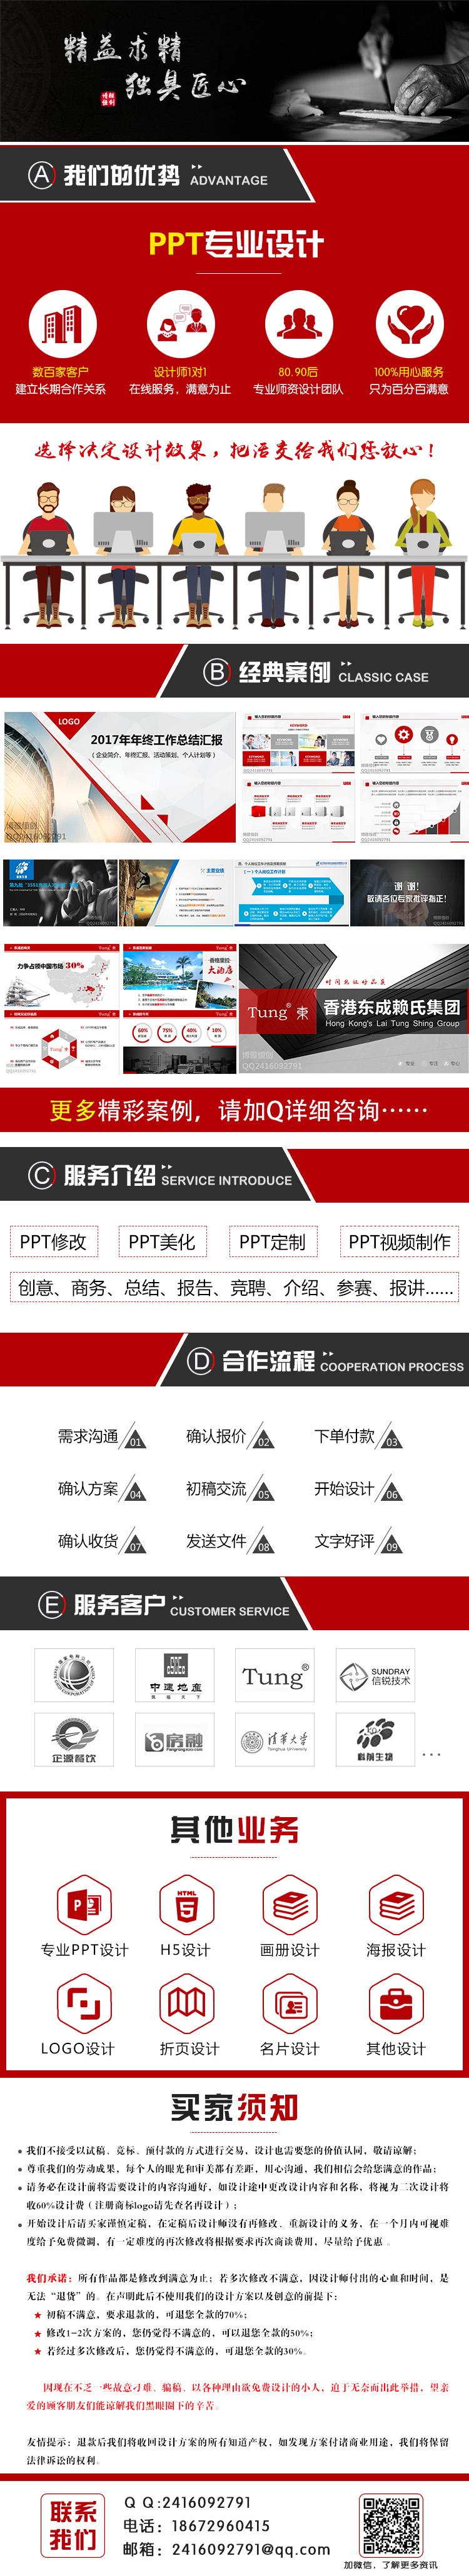 【博艺尚美设计】专业PPT设计制作、ppt配音、ppt美化、PPT定制公司,价格优惠_设计服务>>文案/PPT设计>>游戏制作